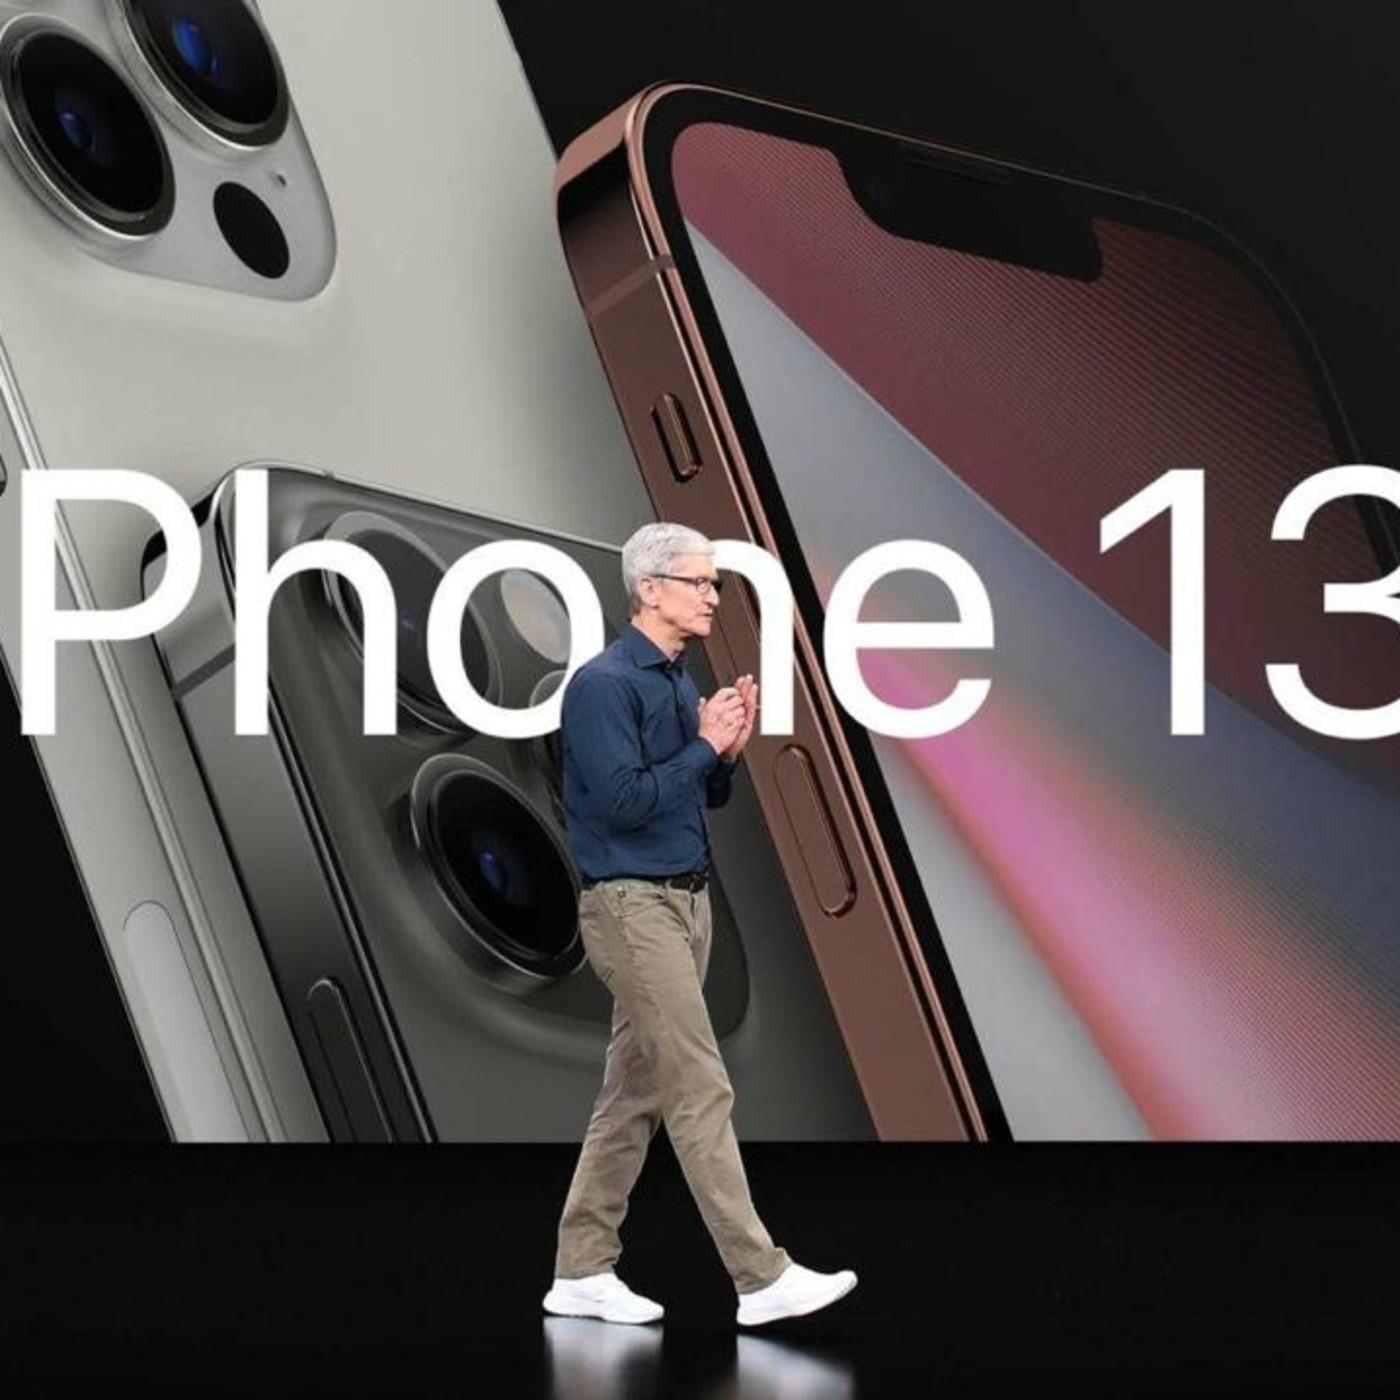 El iPhone 13 a partir del 17 de septiembre, lanzamiento el 24 de septiembre